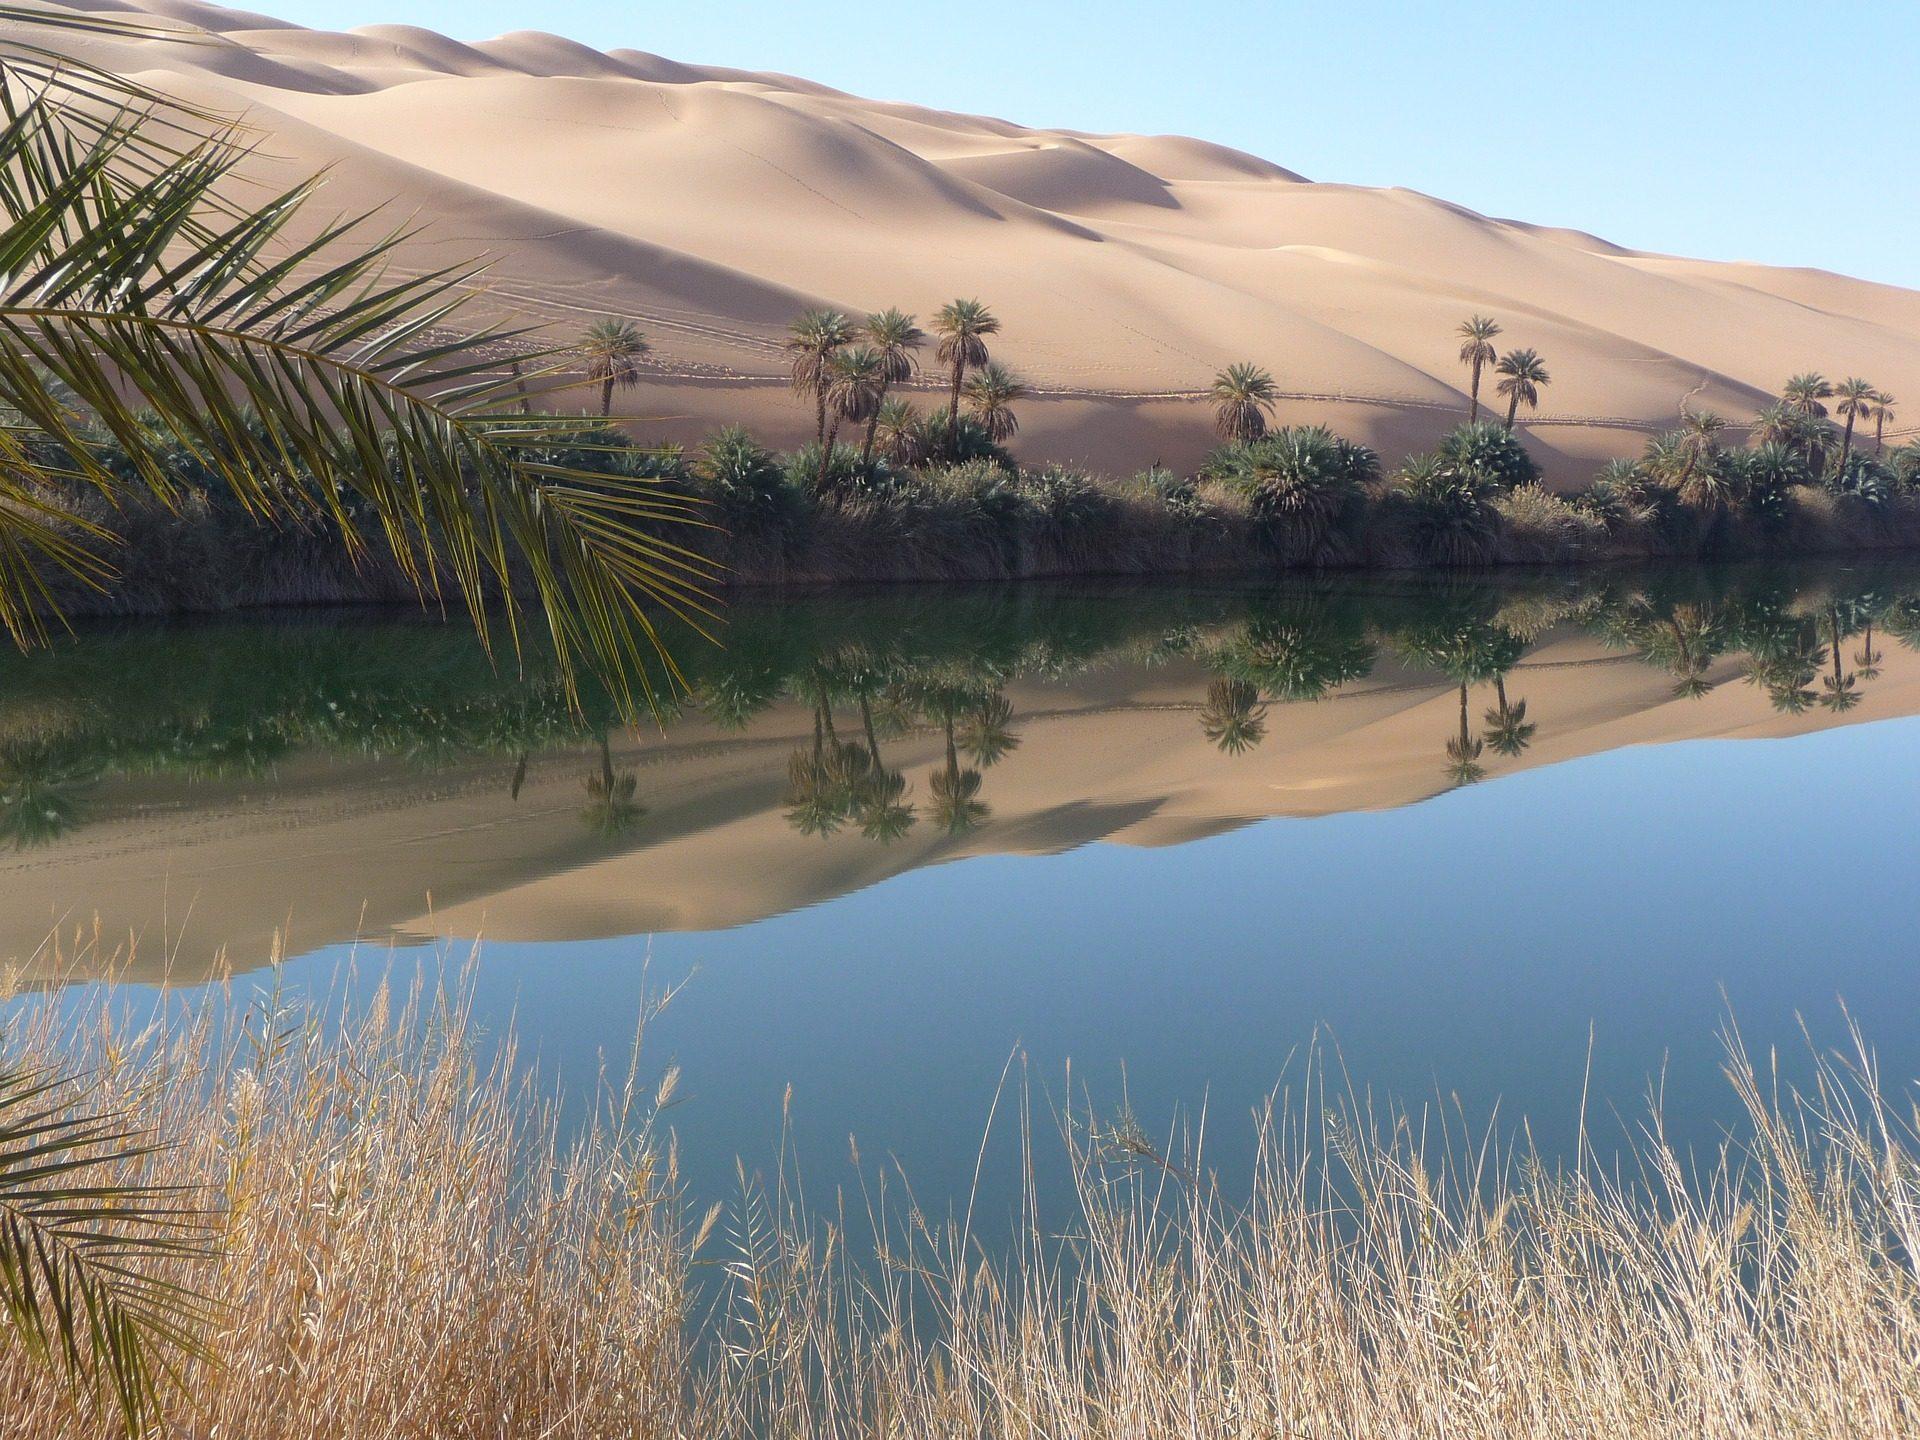 沙漠, 绿洲, 水, 棕榈树, 沙子 - 高清壁纸 - 教授-falken.com